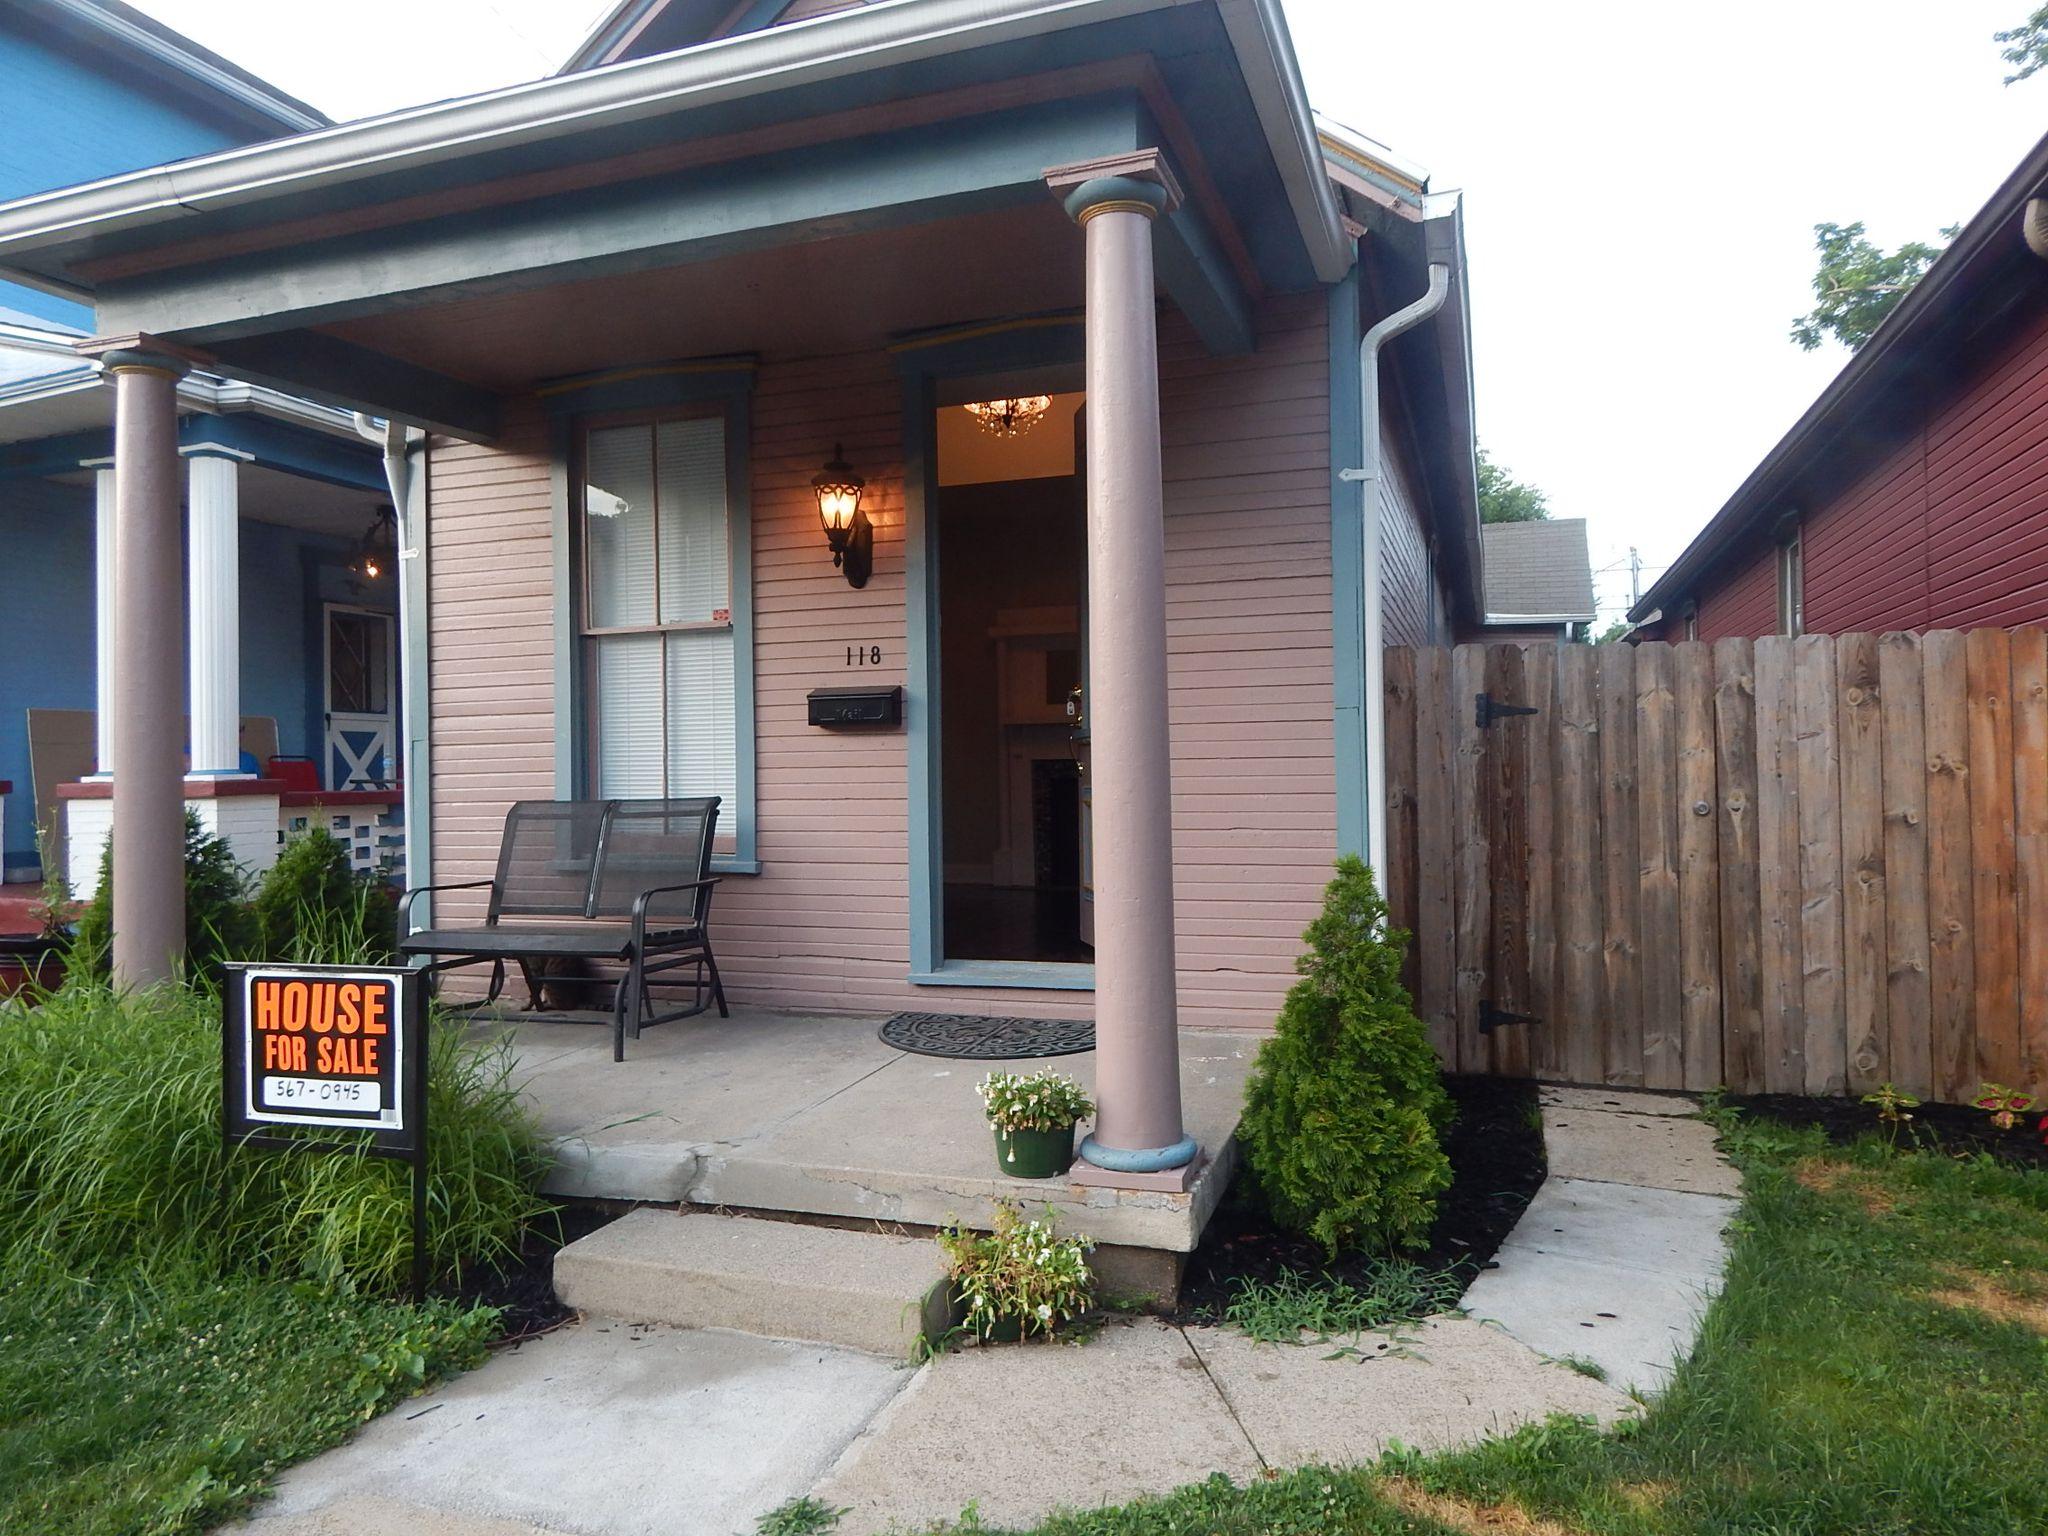 118 Bonner St For Sale Dayton OH